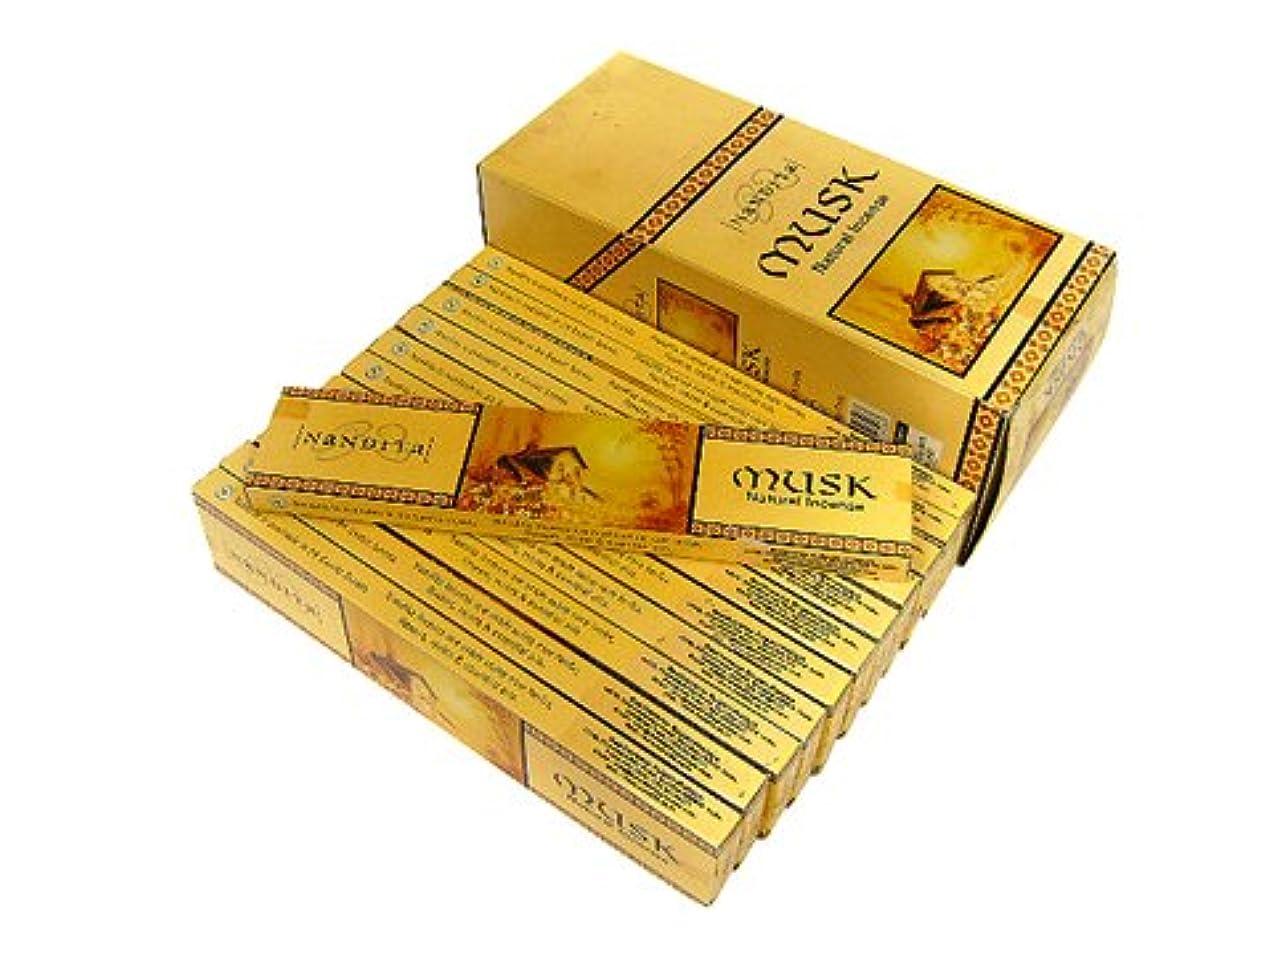 マンモス酸化物フィールドNANDITA(ナンディータ) ムスク香 スティック MUSK 12箱セット